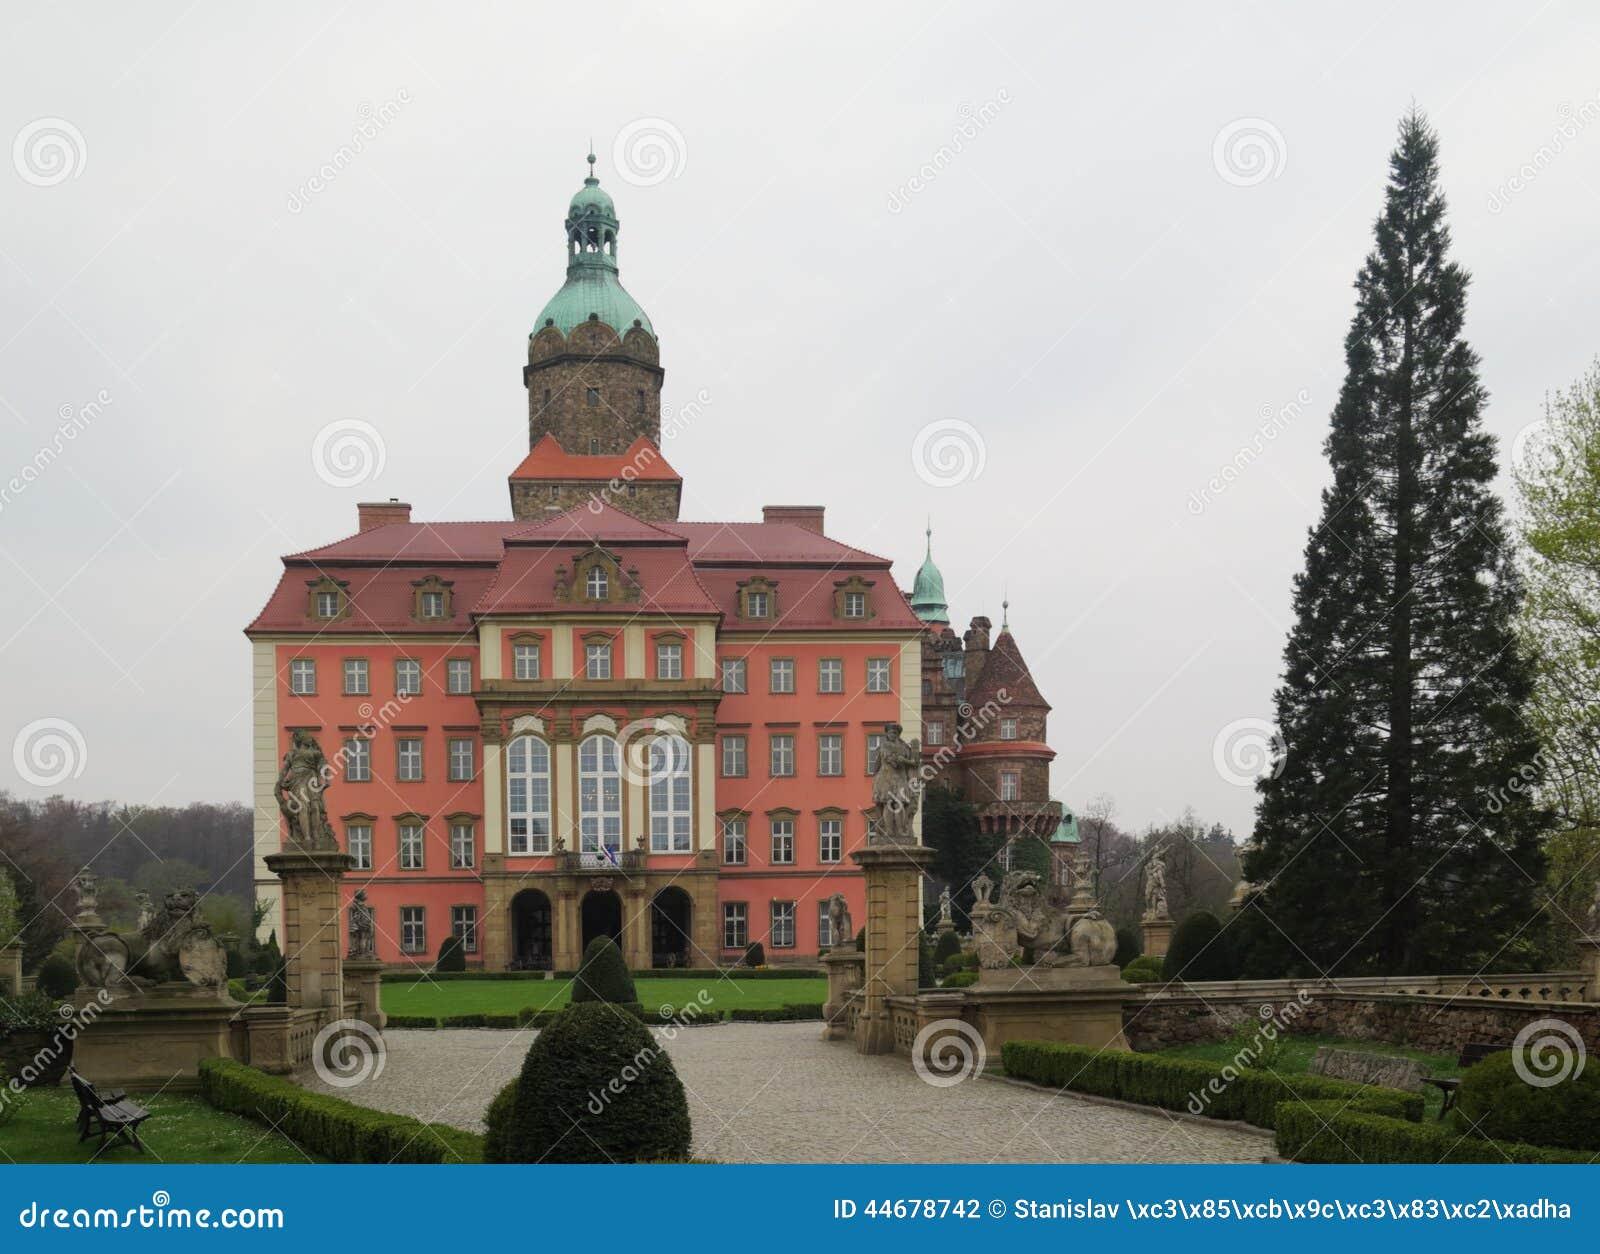 Voivodato Della Slesia Polonia palazzo ksiaz (furstenstein) - fortifichi in walbrzych nel